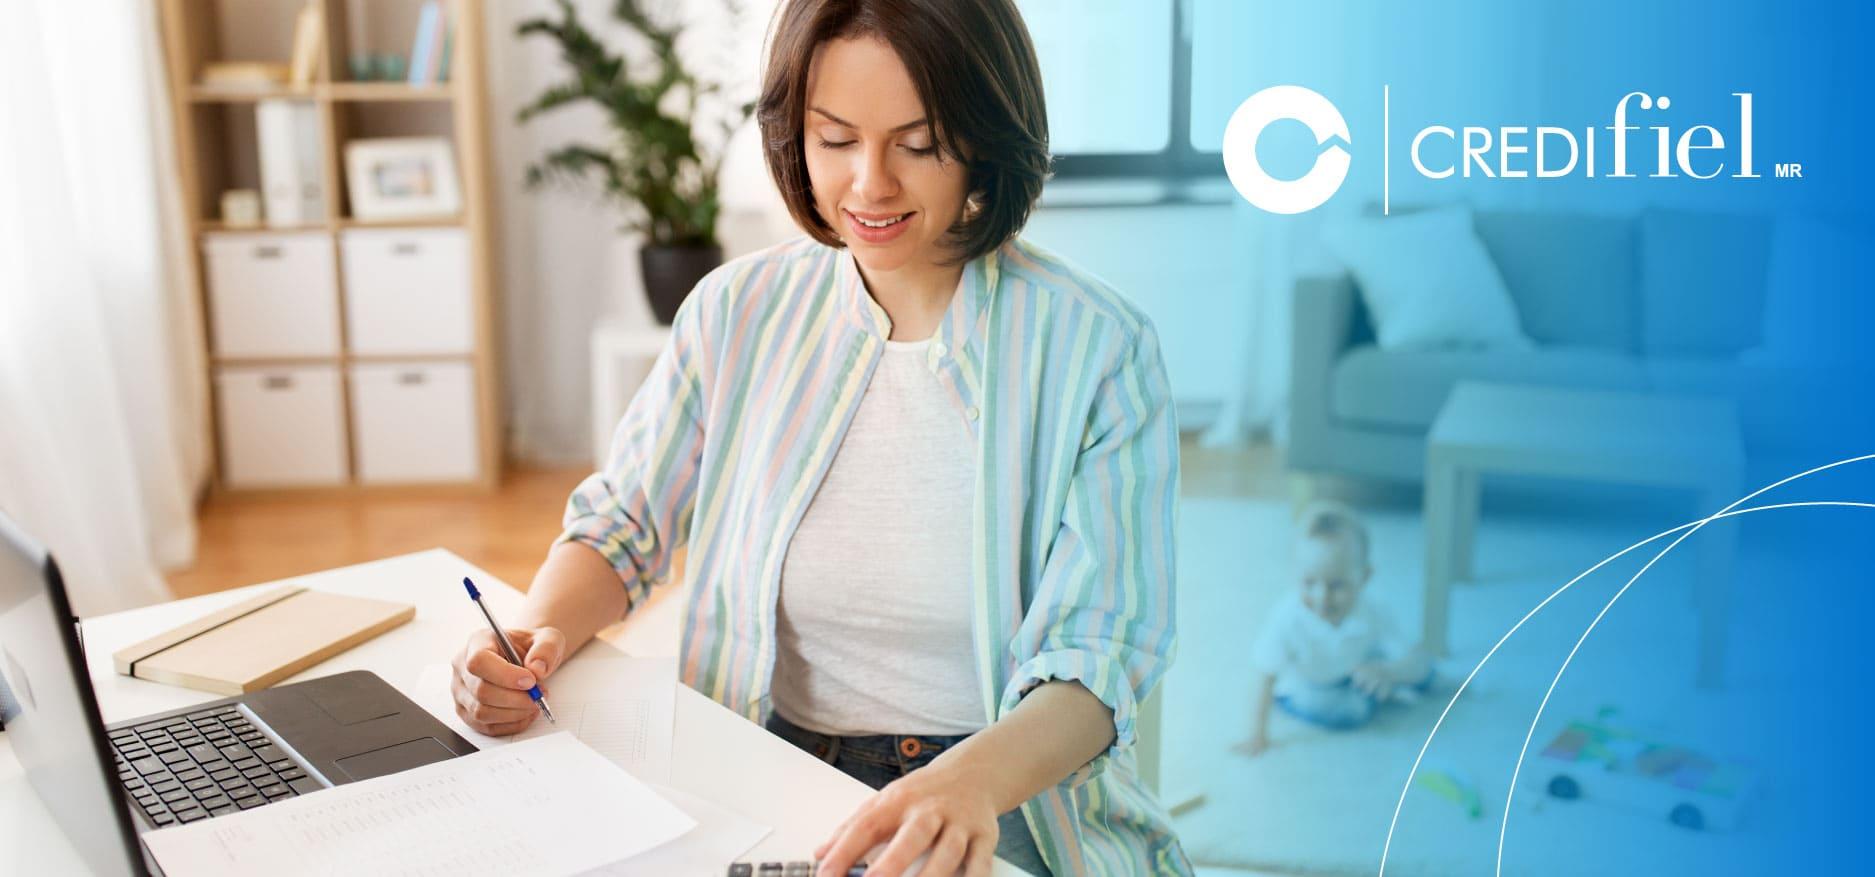 art-01-10-consejos-de-finanzas-para-mamas